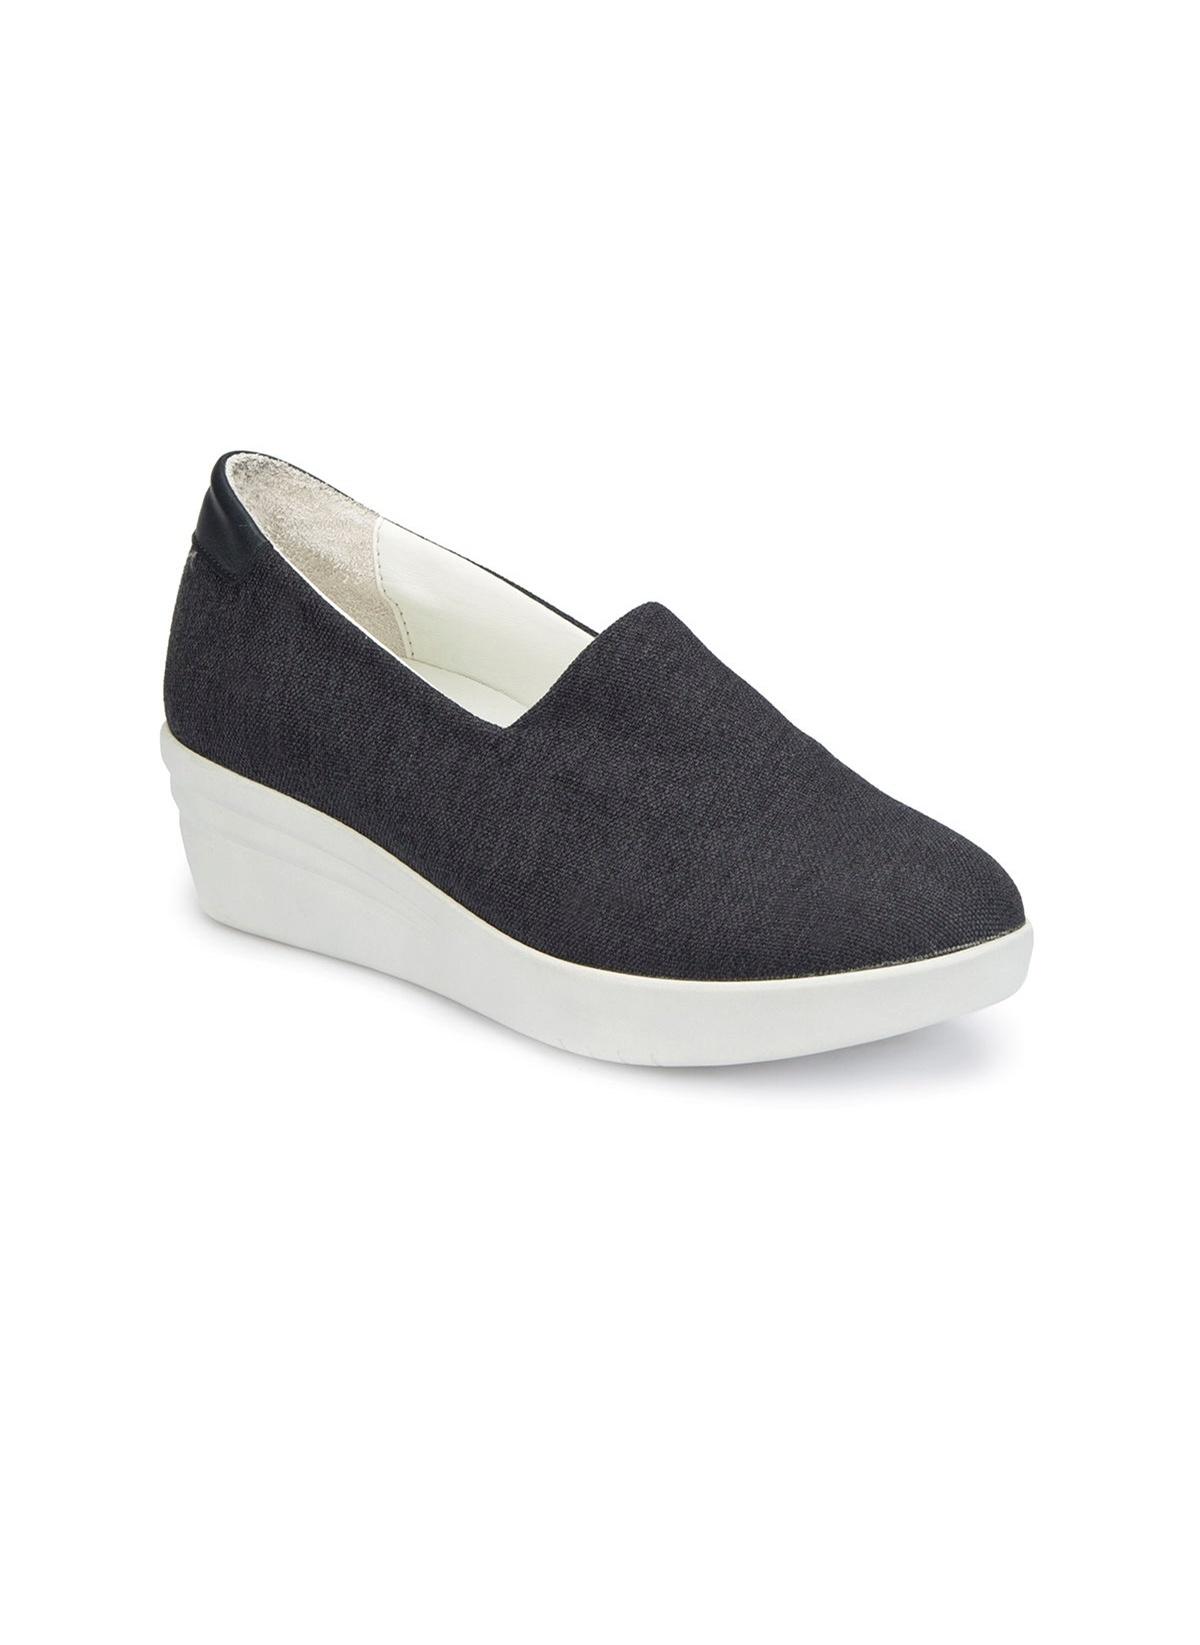 Polaris Ayakkabı 81.111305.z Basic Comfort – 49.99 TL